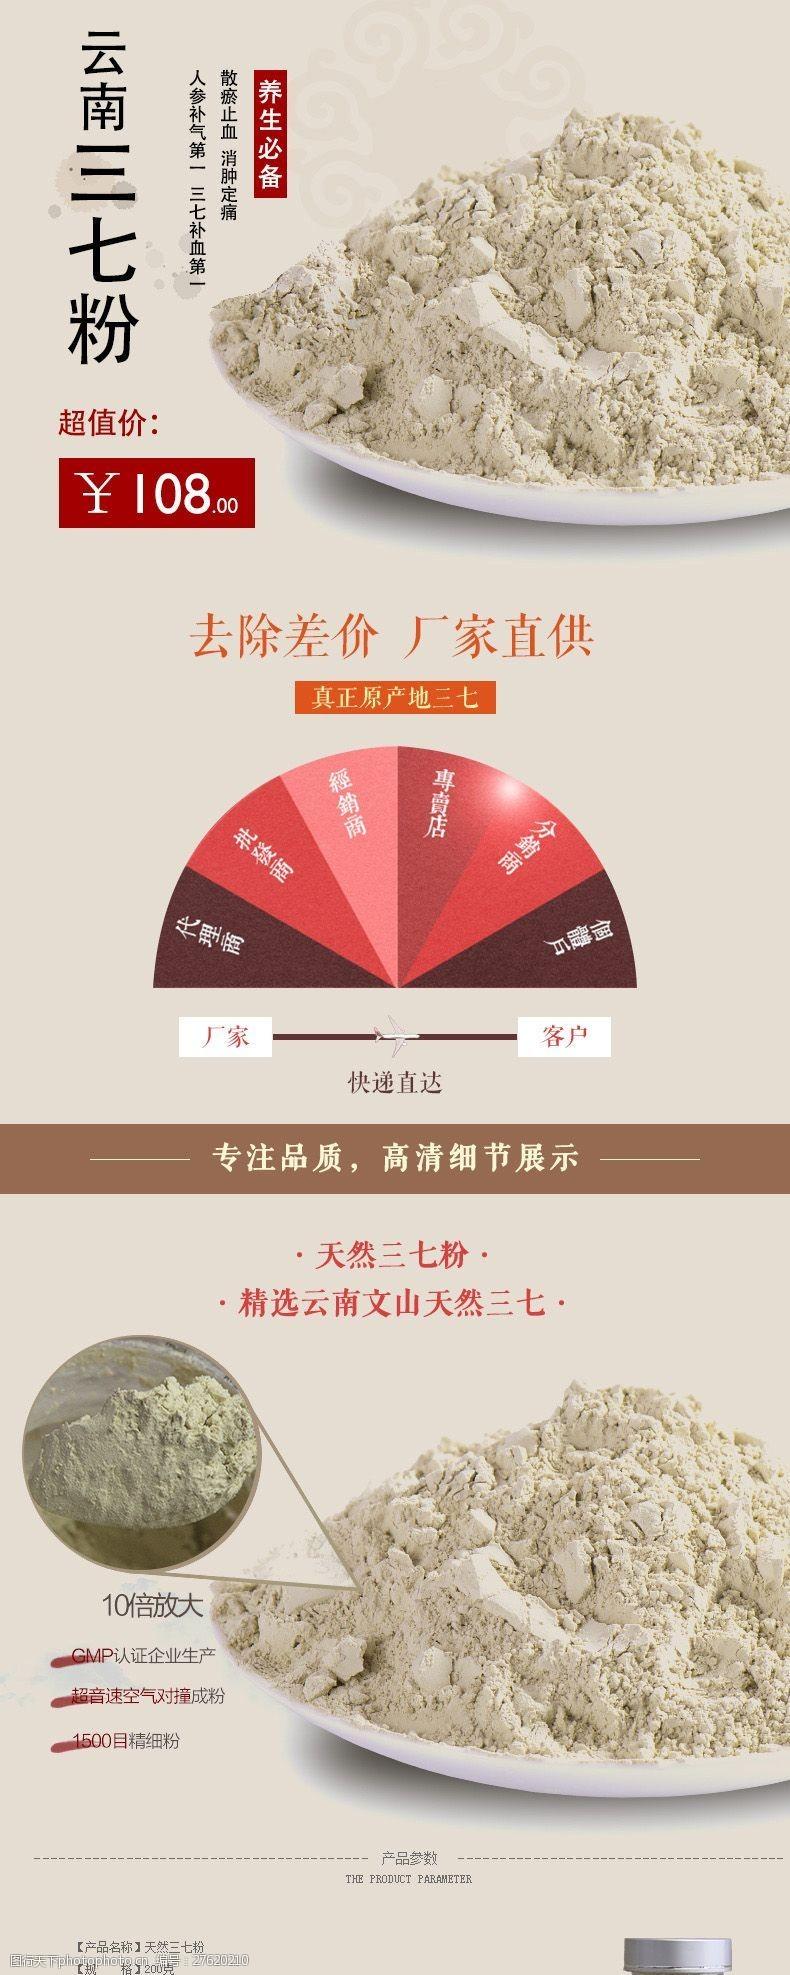 原创淘宝设计云南文山三七粉PSD详情页